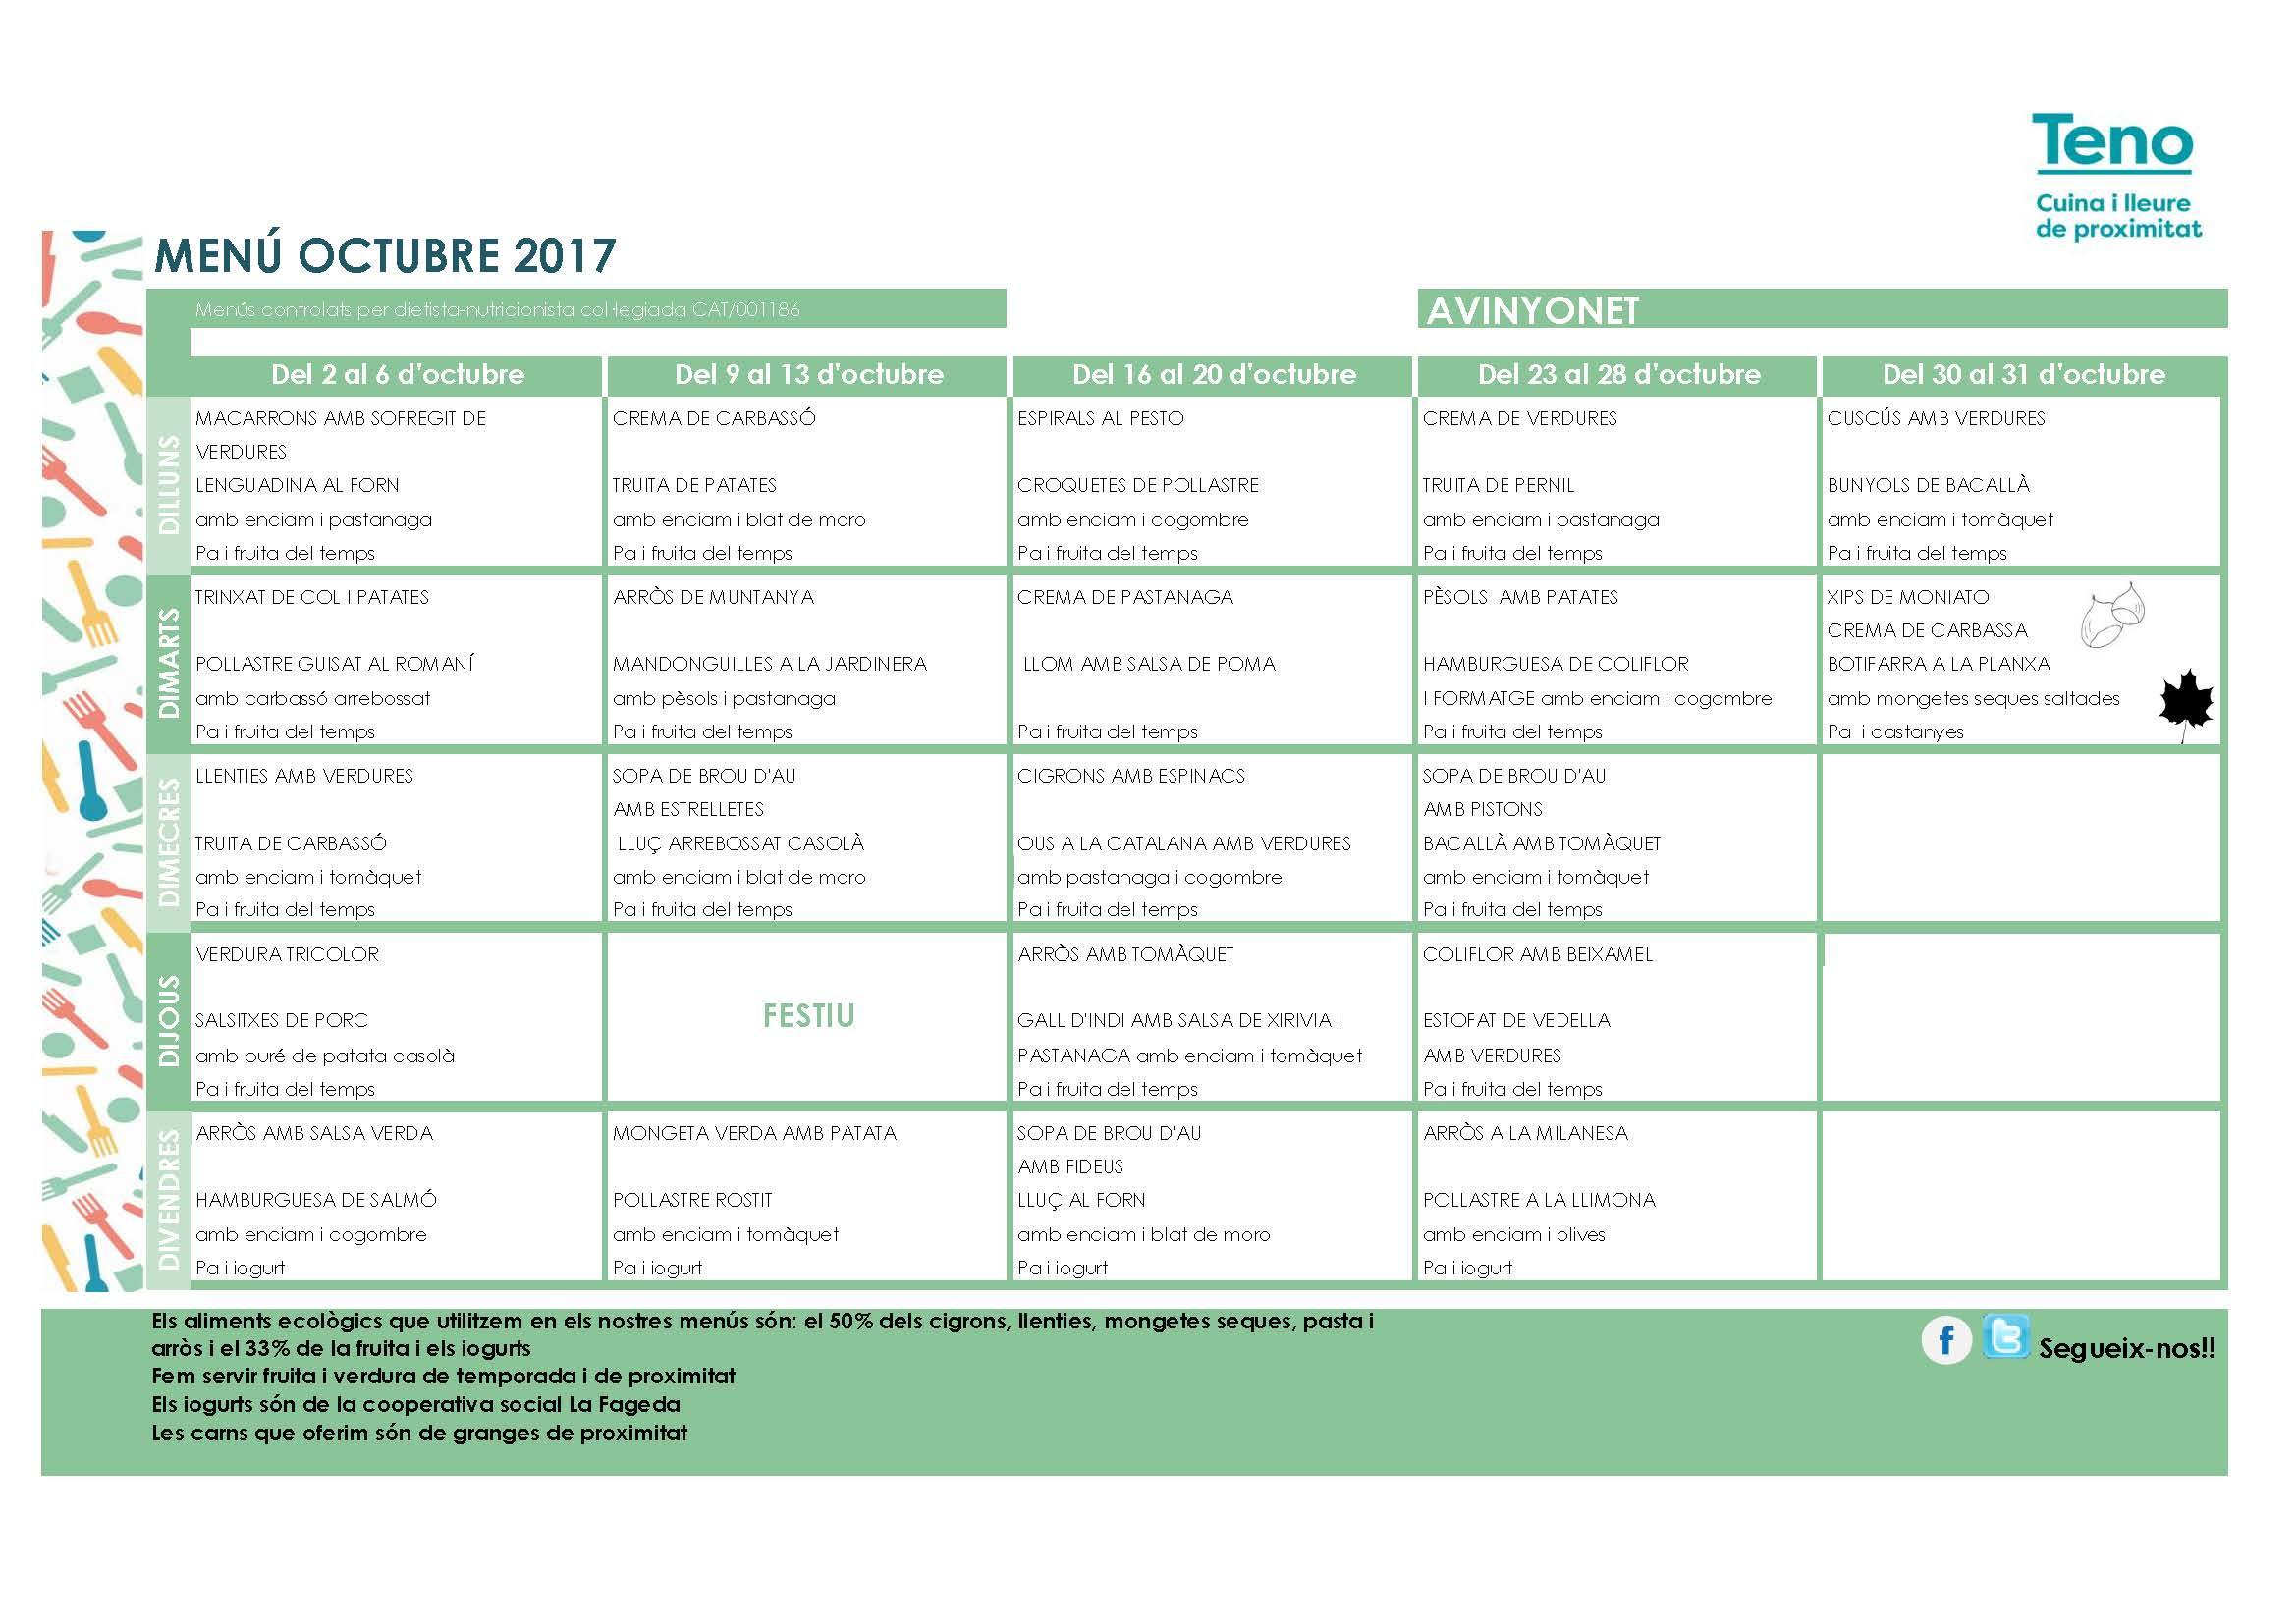 Calendari de menjador d'Abril i Maig